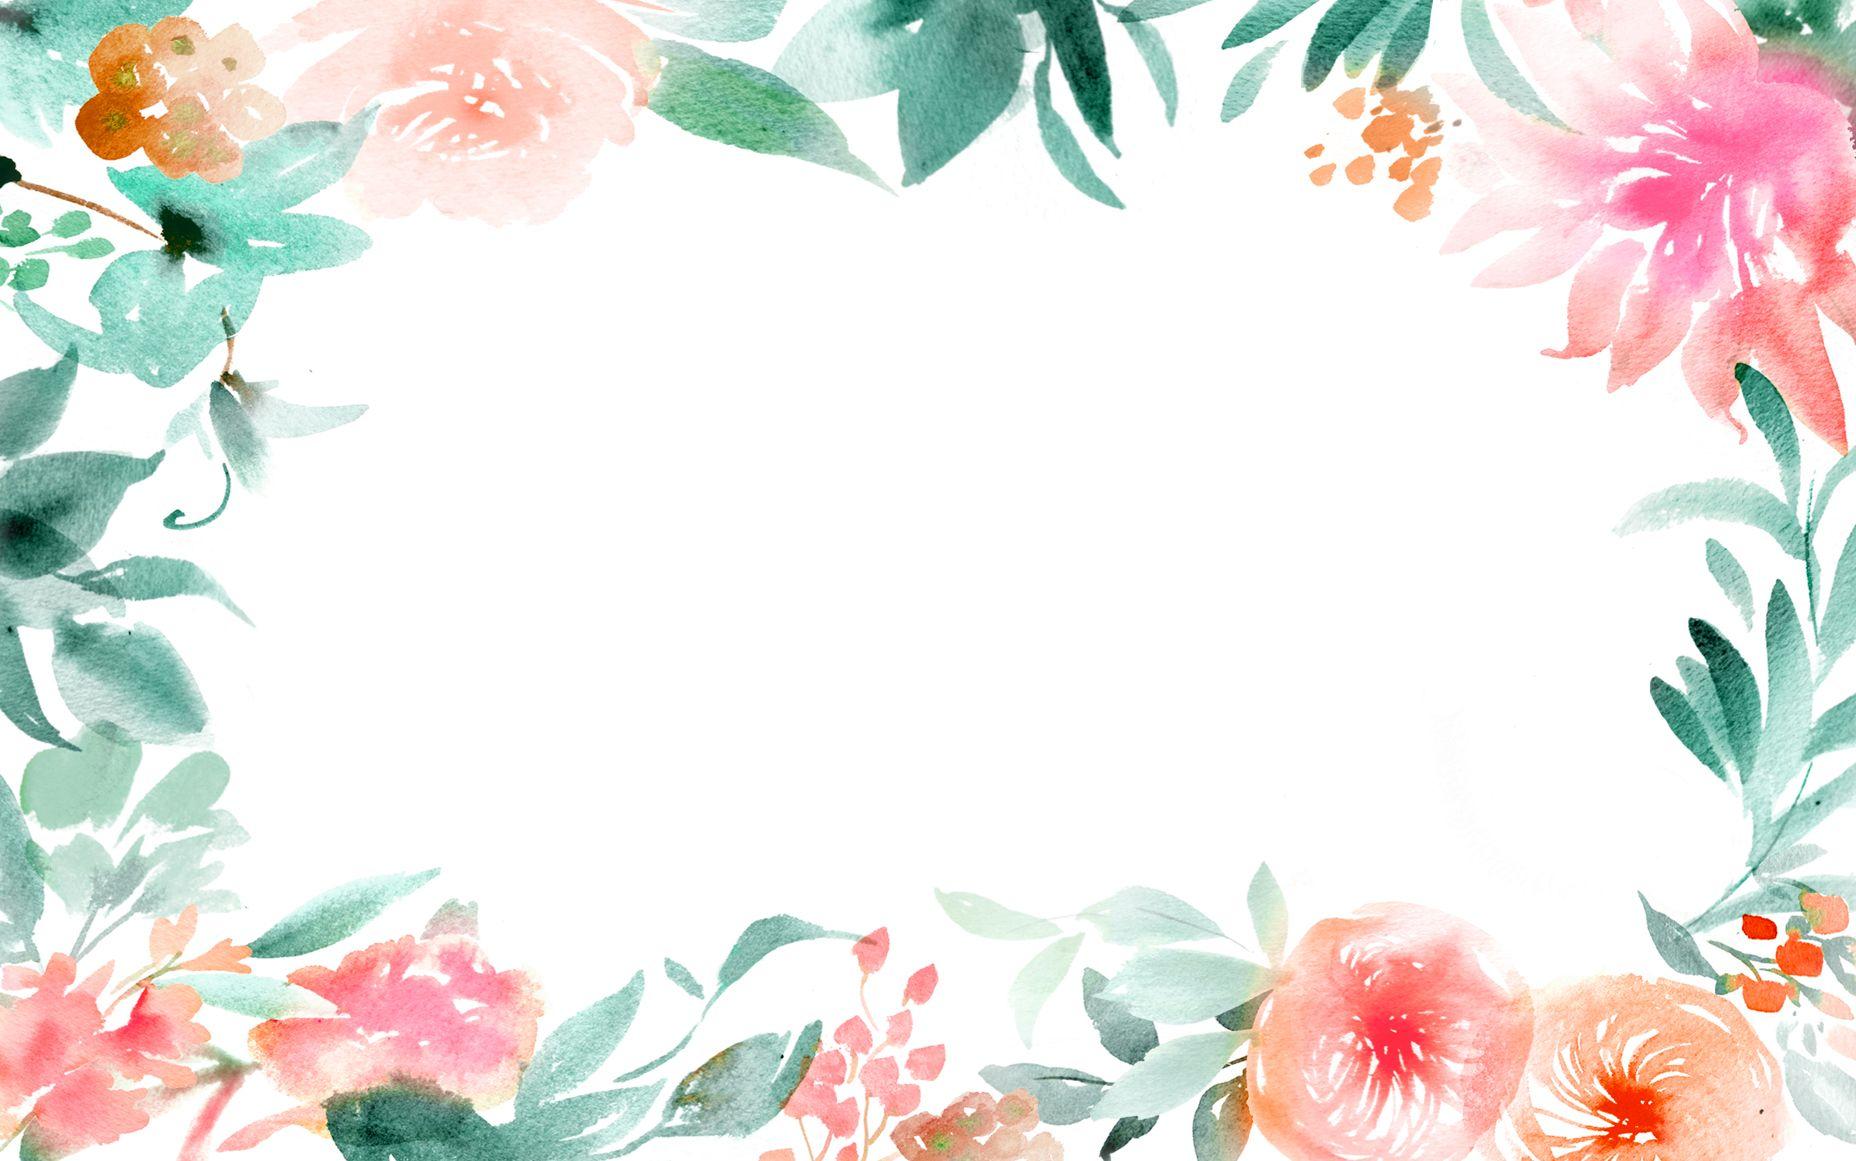 flower - Floral Backgrounds